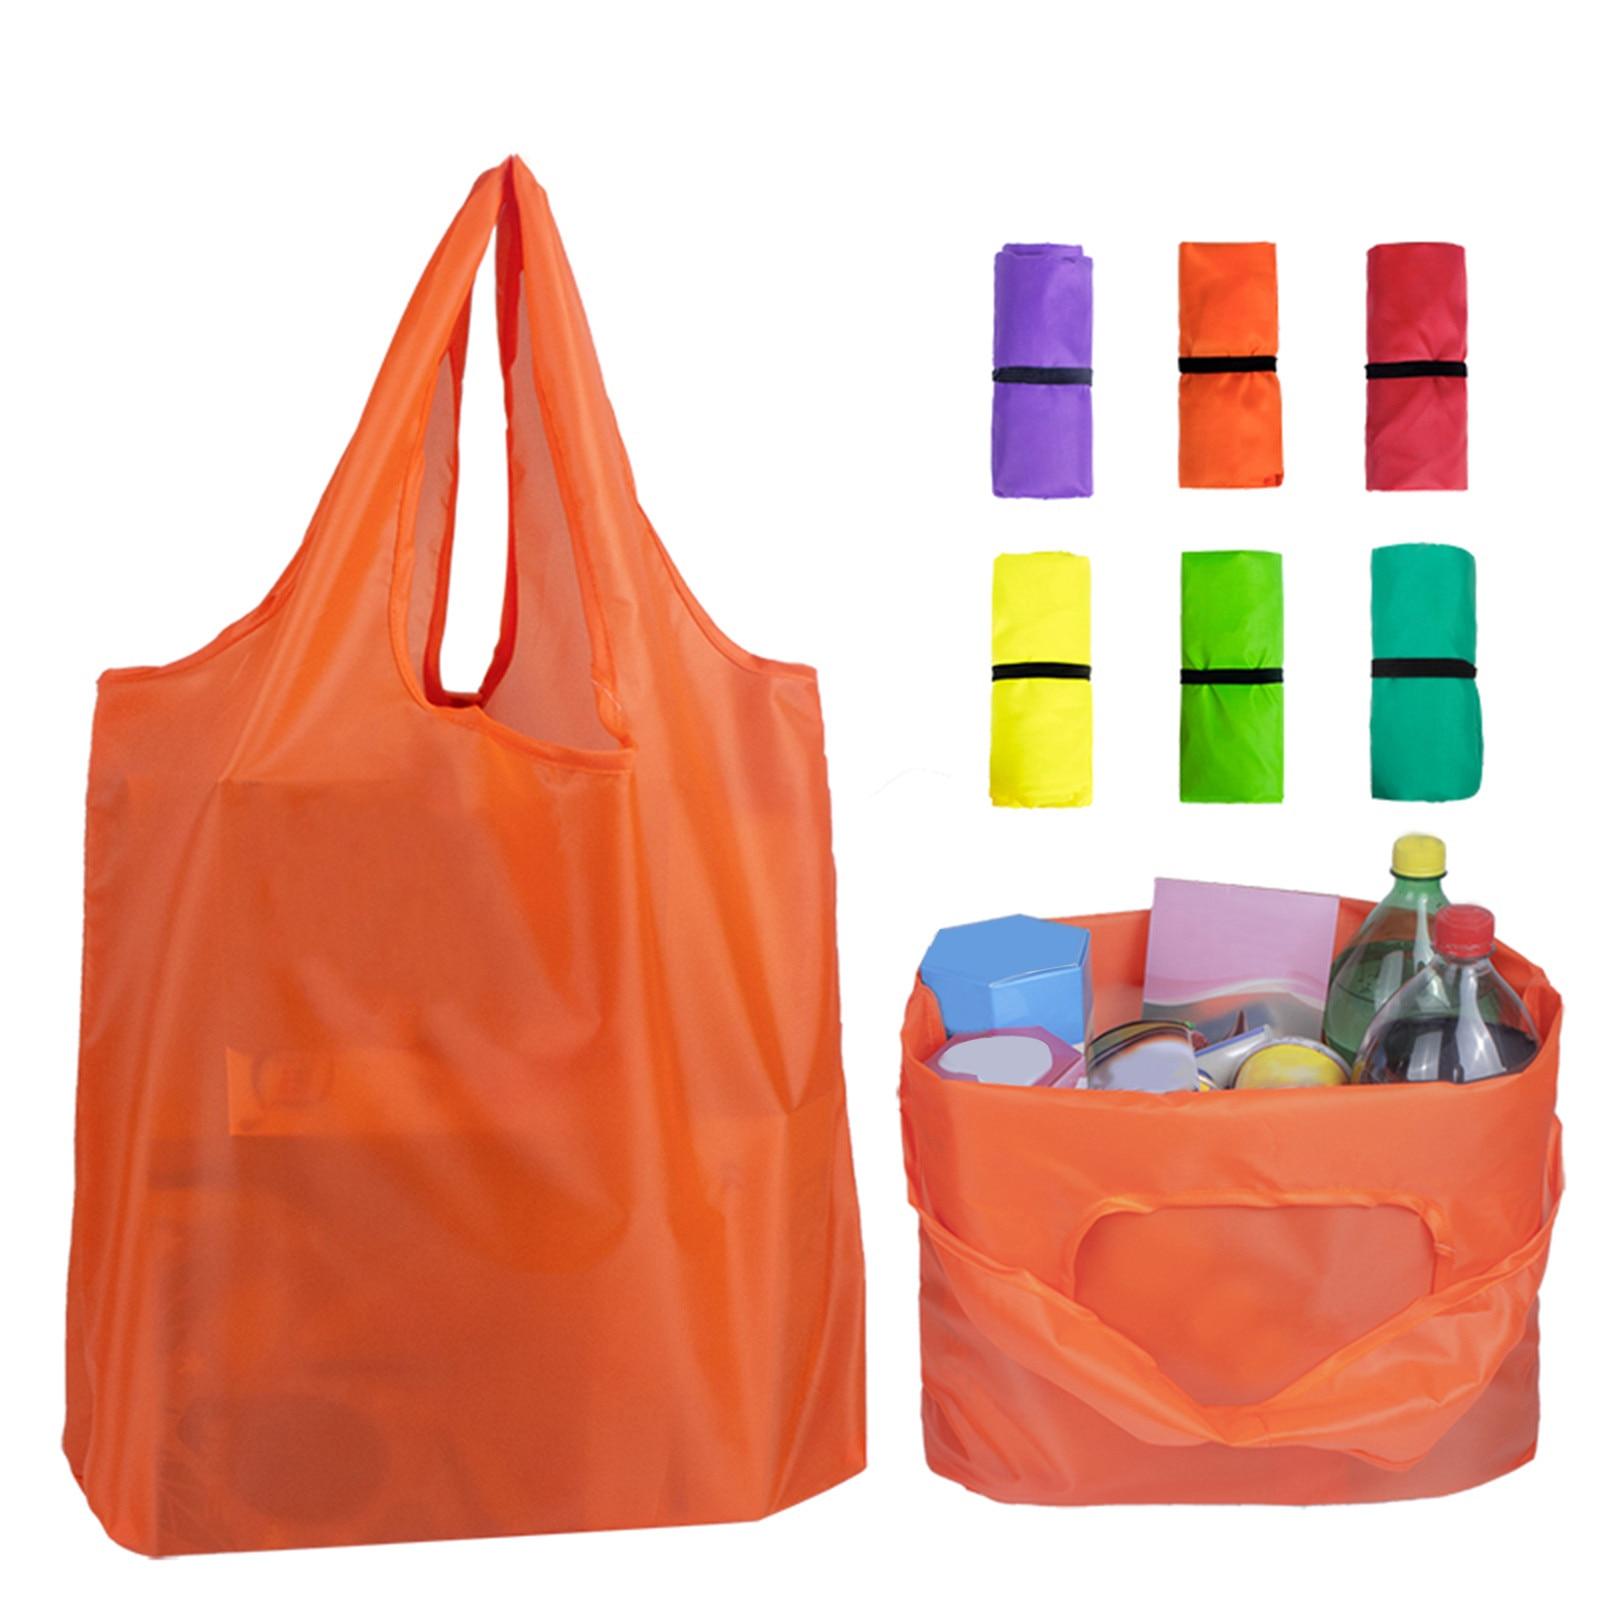 Многофункциональные портативные складные сумки для хранения, хозяйственные водонепроницаемые хозяйственные сумки-тоуты, Портативные Про...